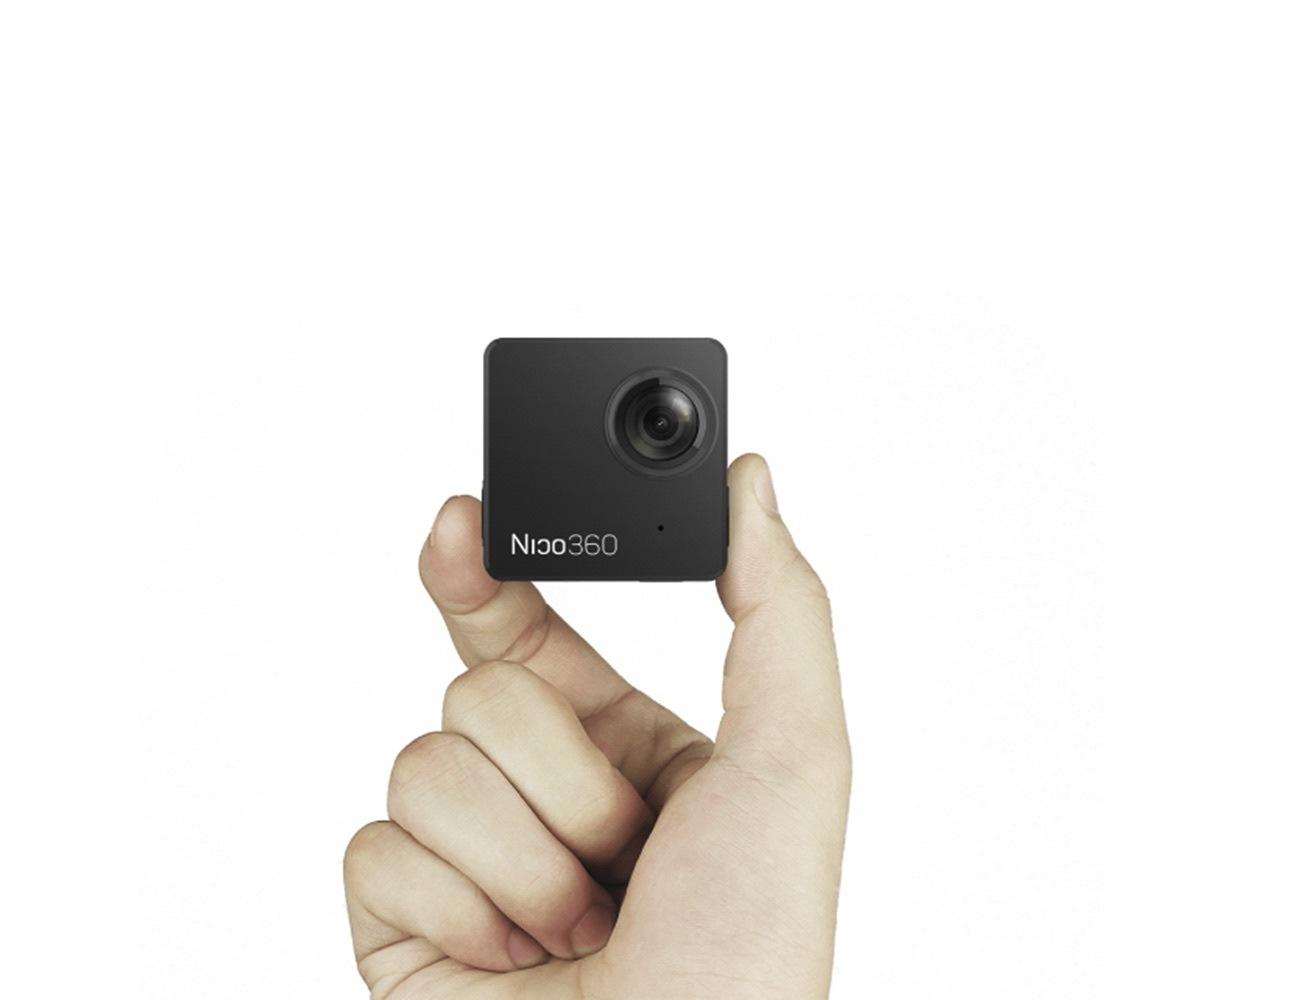 Nico360 Affordable VR Camera